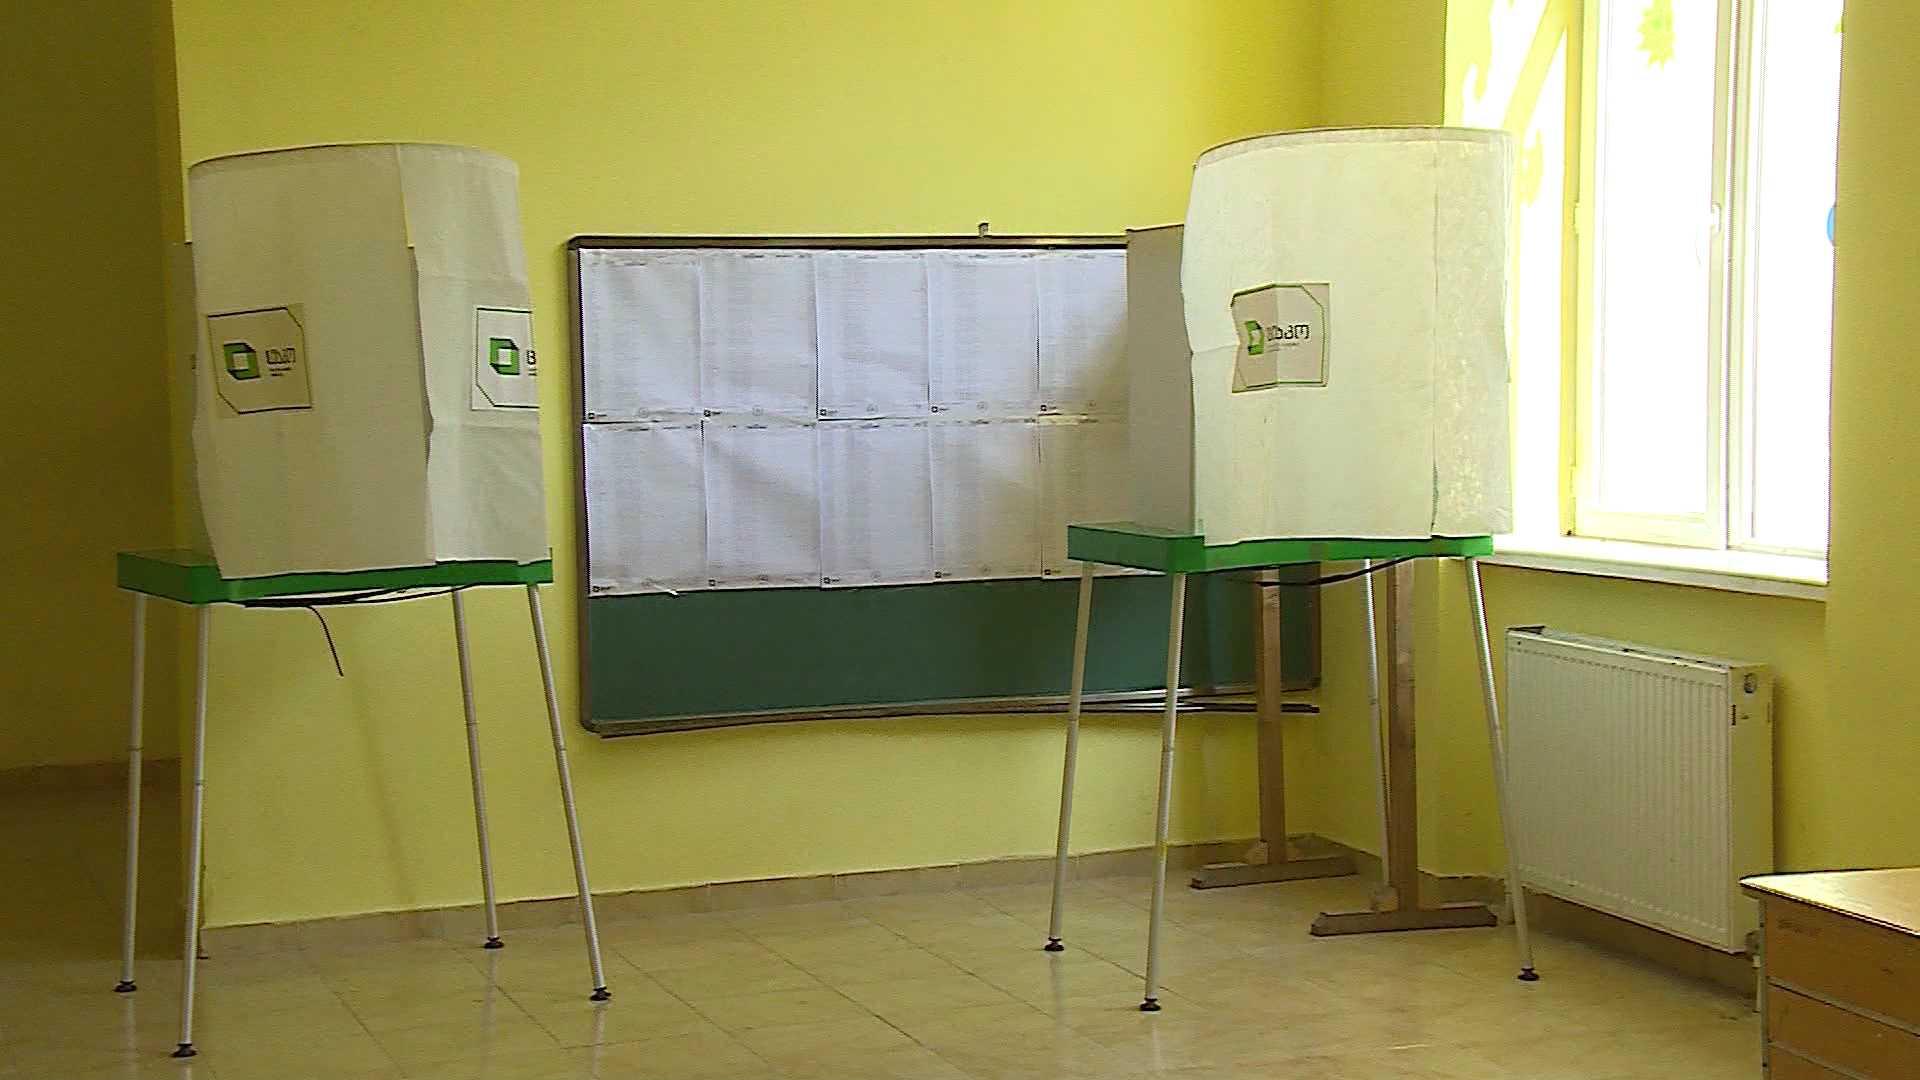 რეგიონის მასშტაბით, საკუთარი არჩევანი ყველაზე მეტმა ამომრჩევლებმა ქედაში გააკეთა